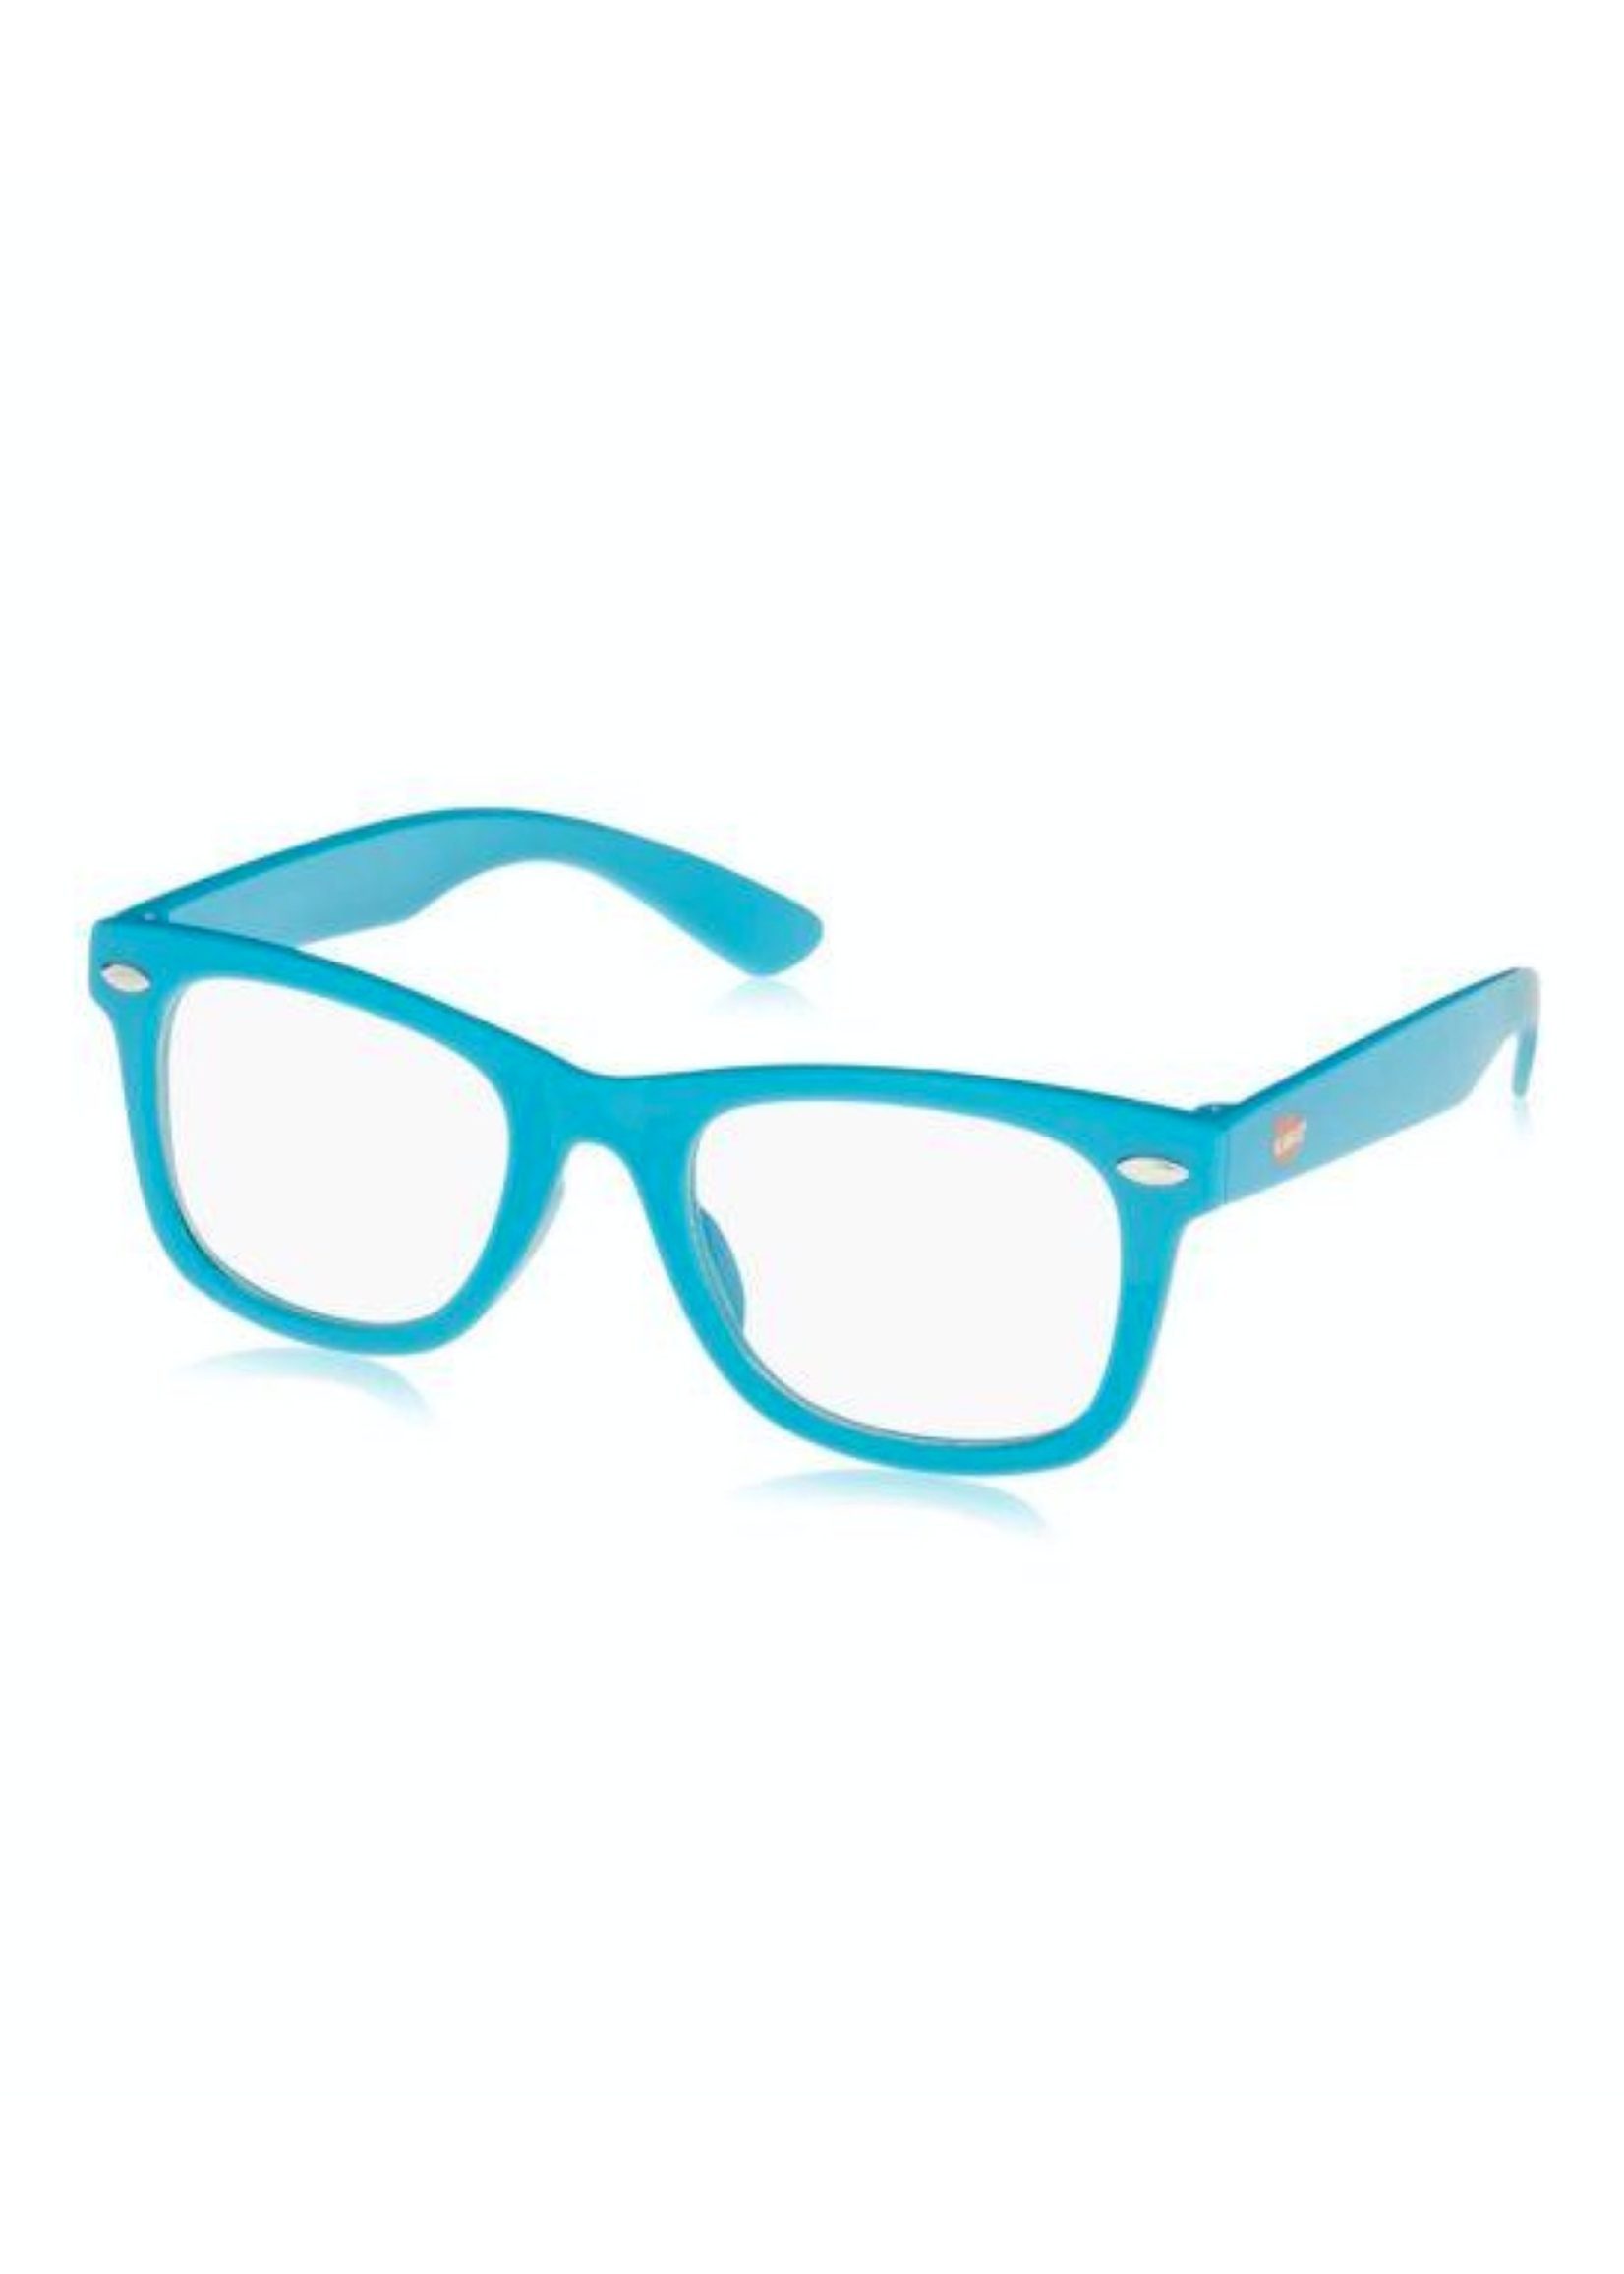 Ulubulu Ulubulu, Nerd Glasses in display Box